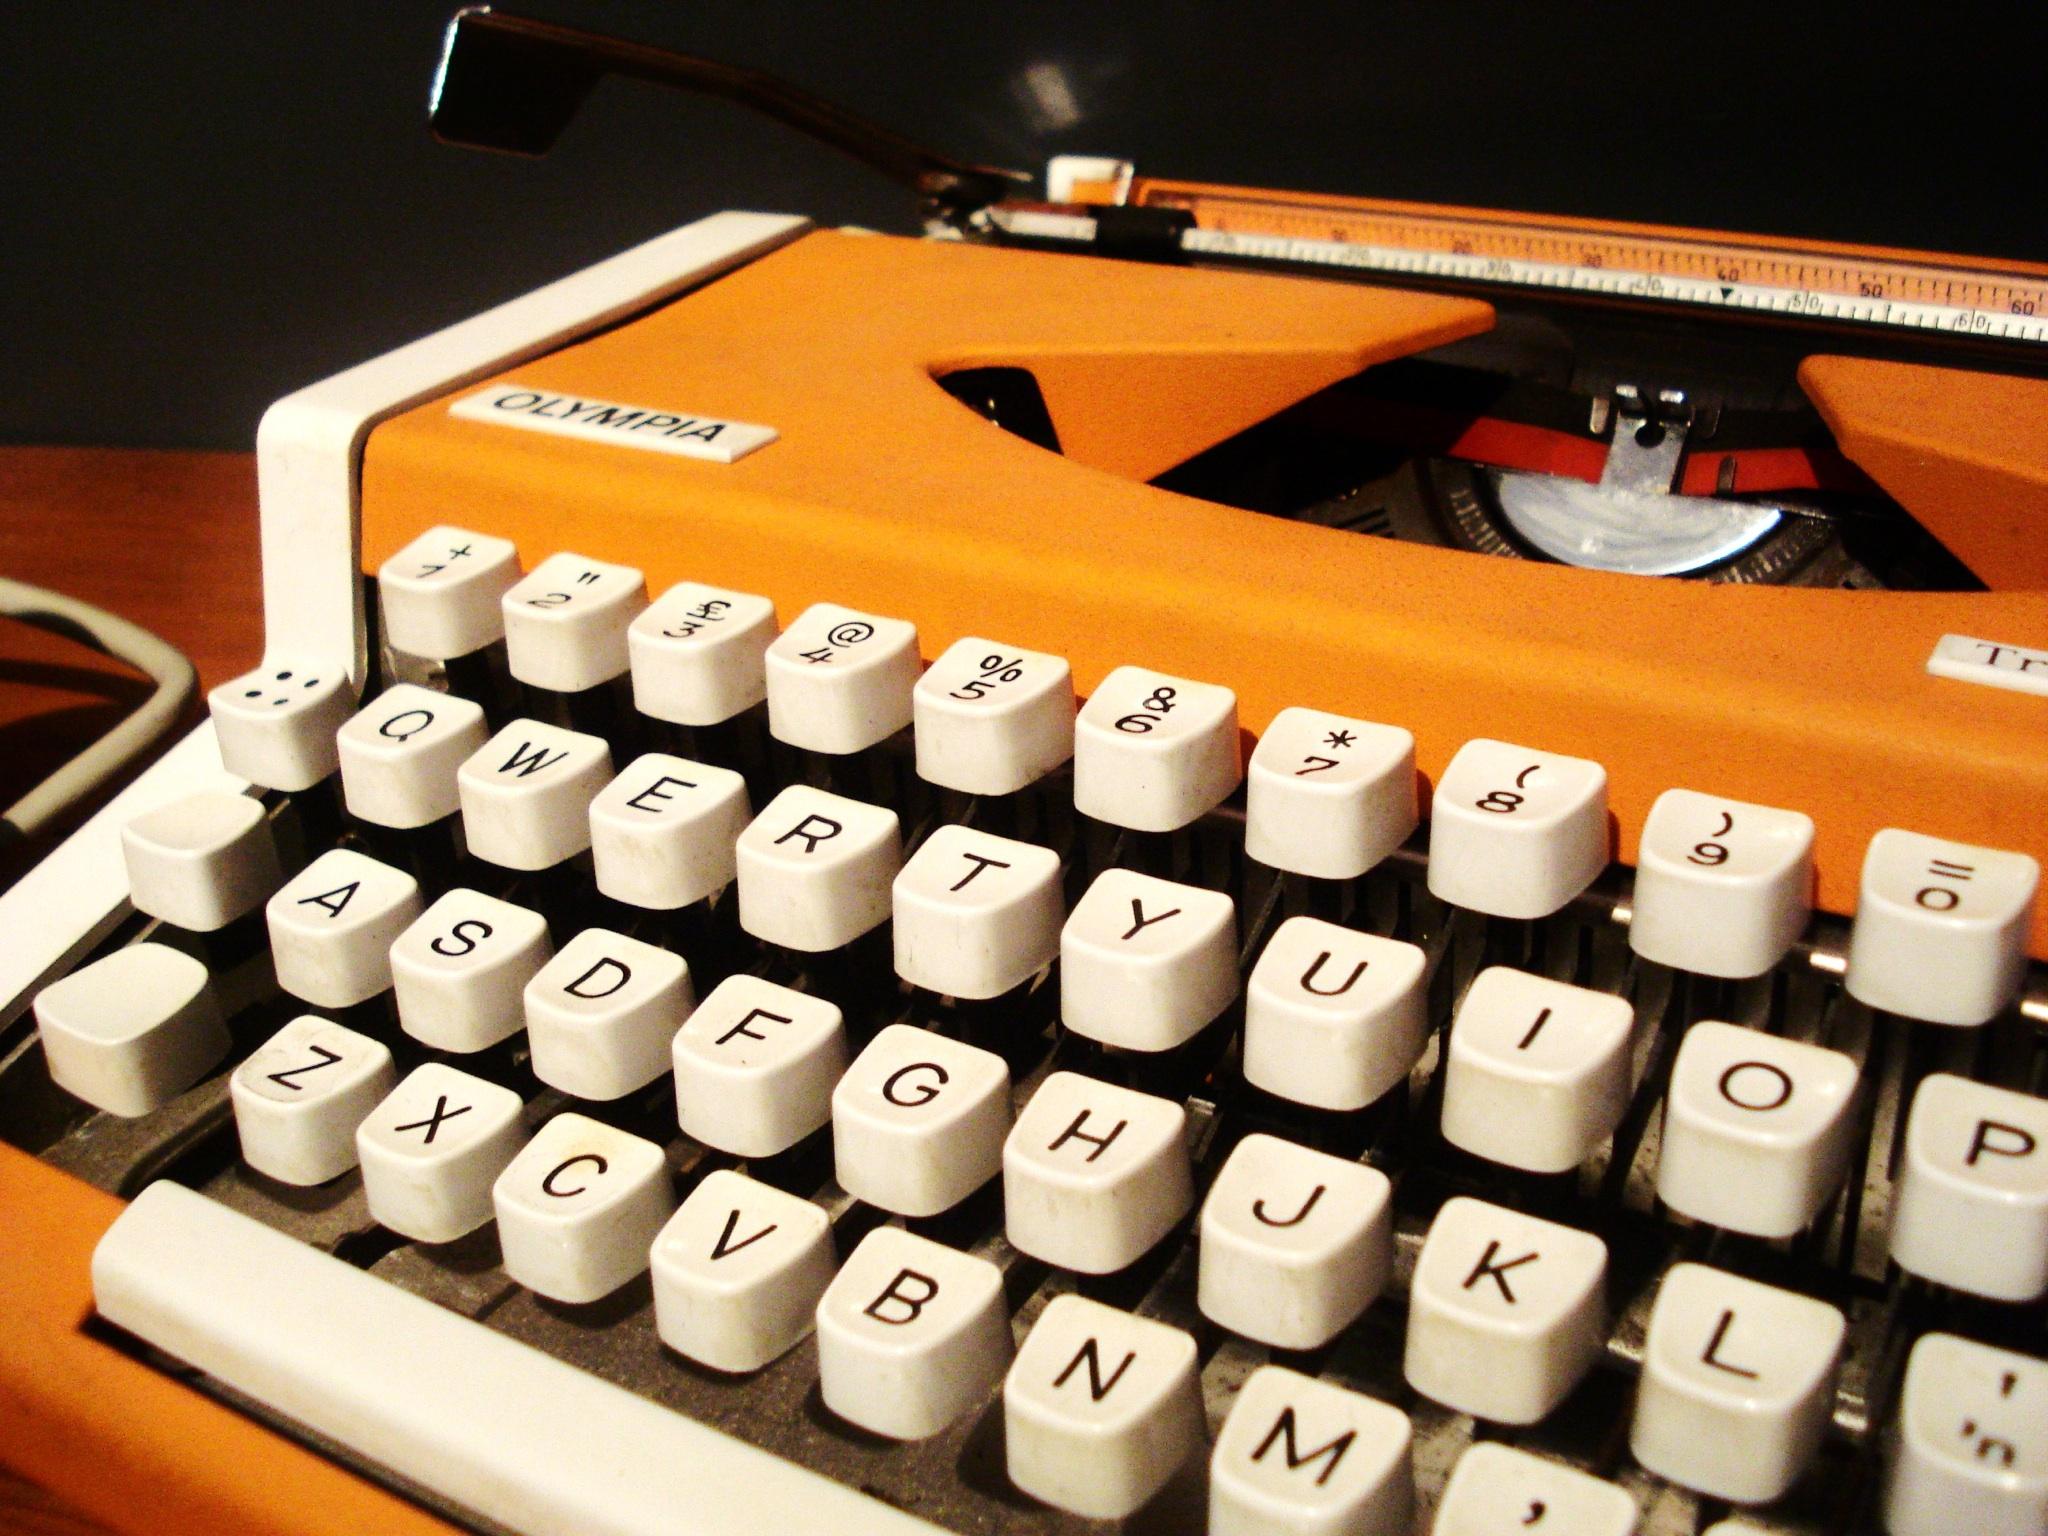 Typewriter Hd Wallpaper Background Image 2048x1536